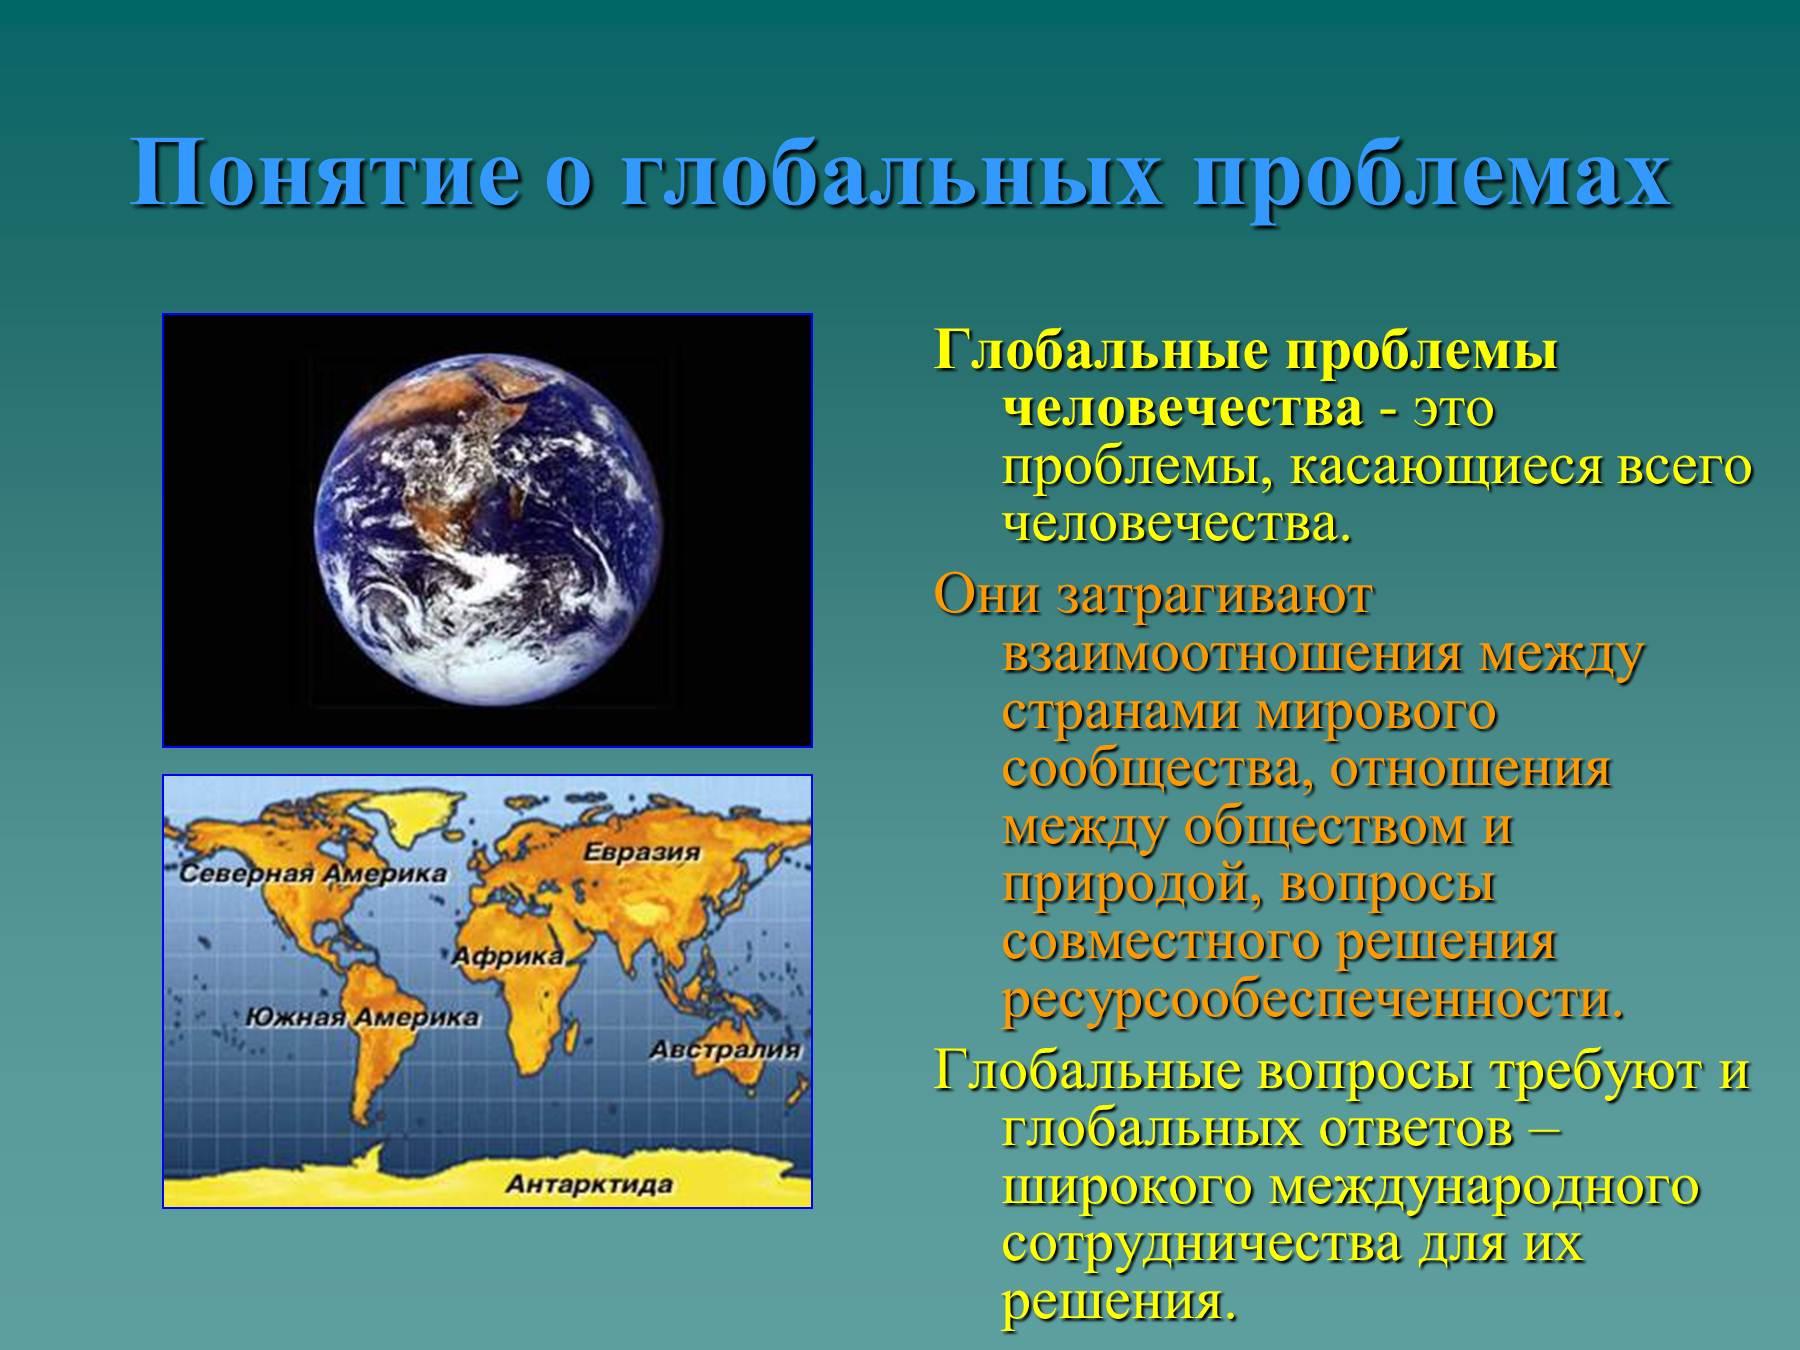 Глобальные проблемы человечества: что угрожает цивилизации? - informburo.kz